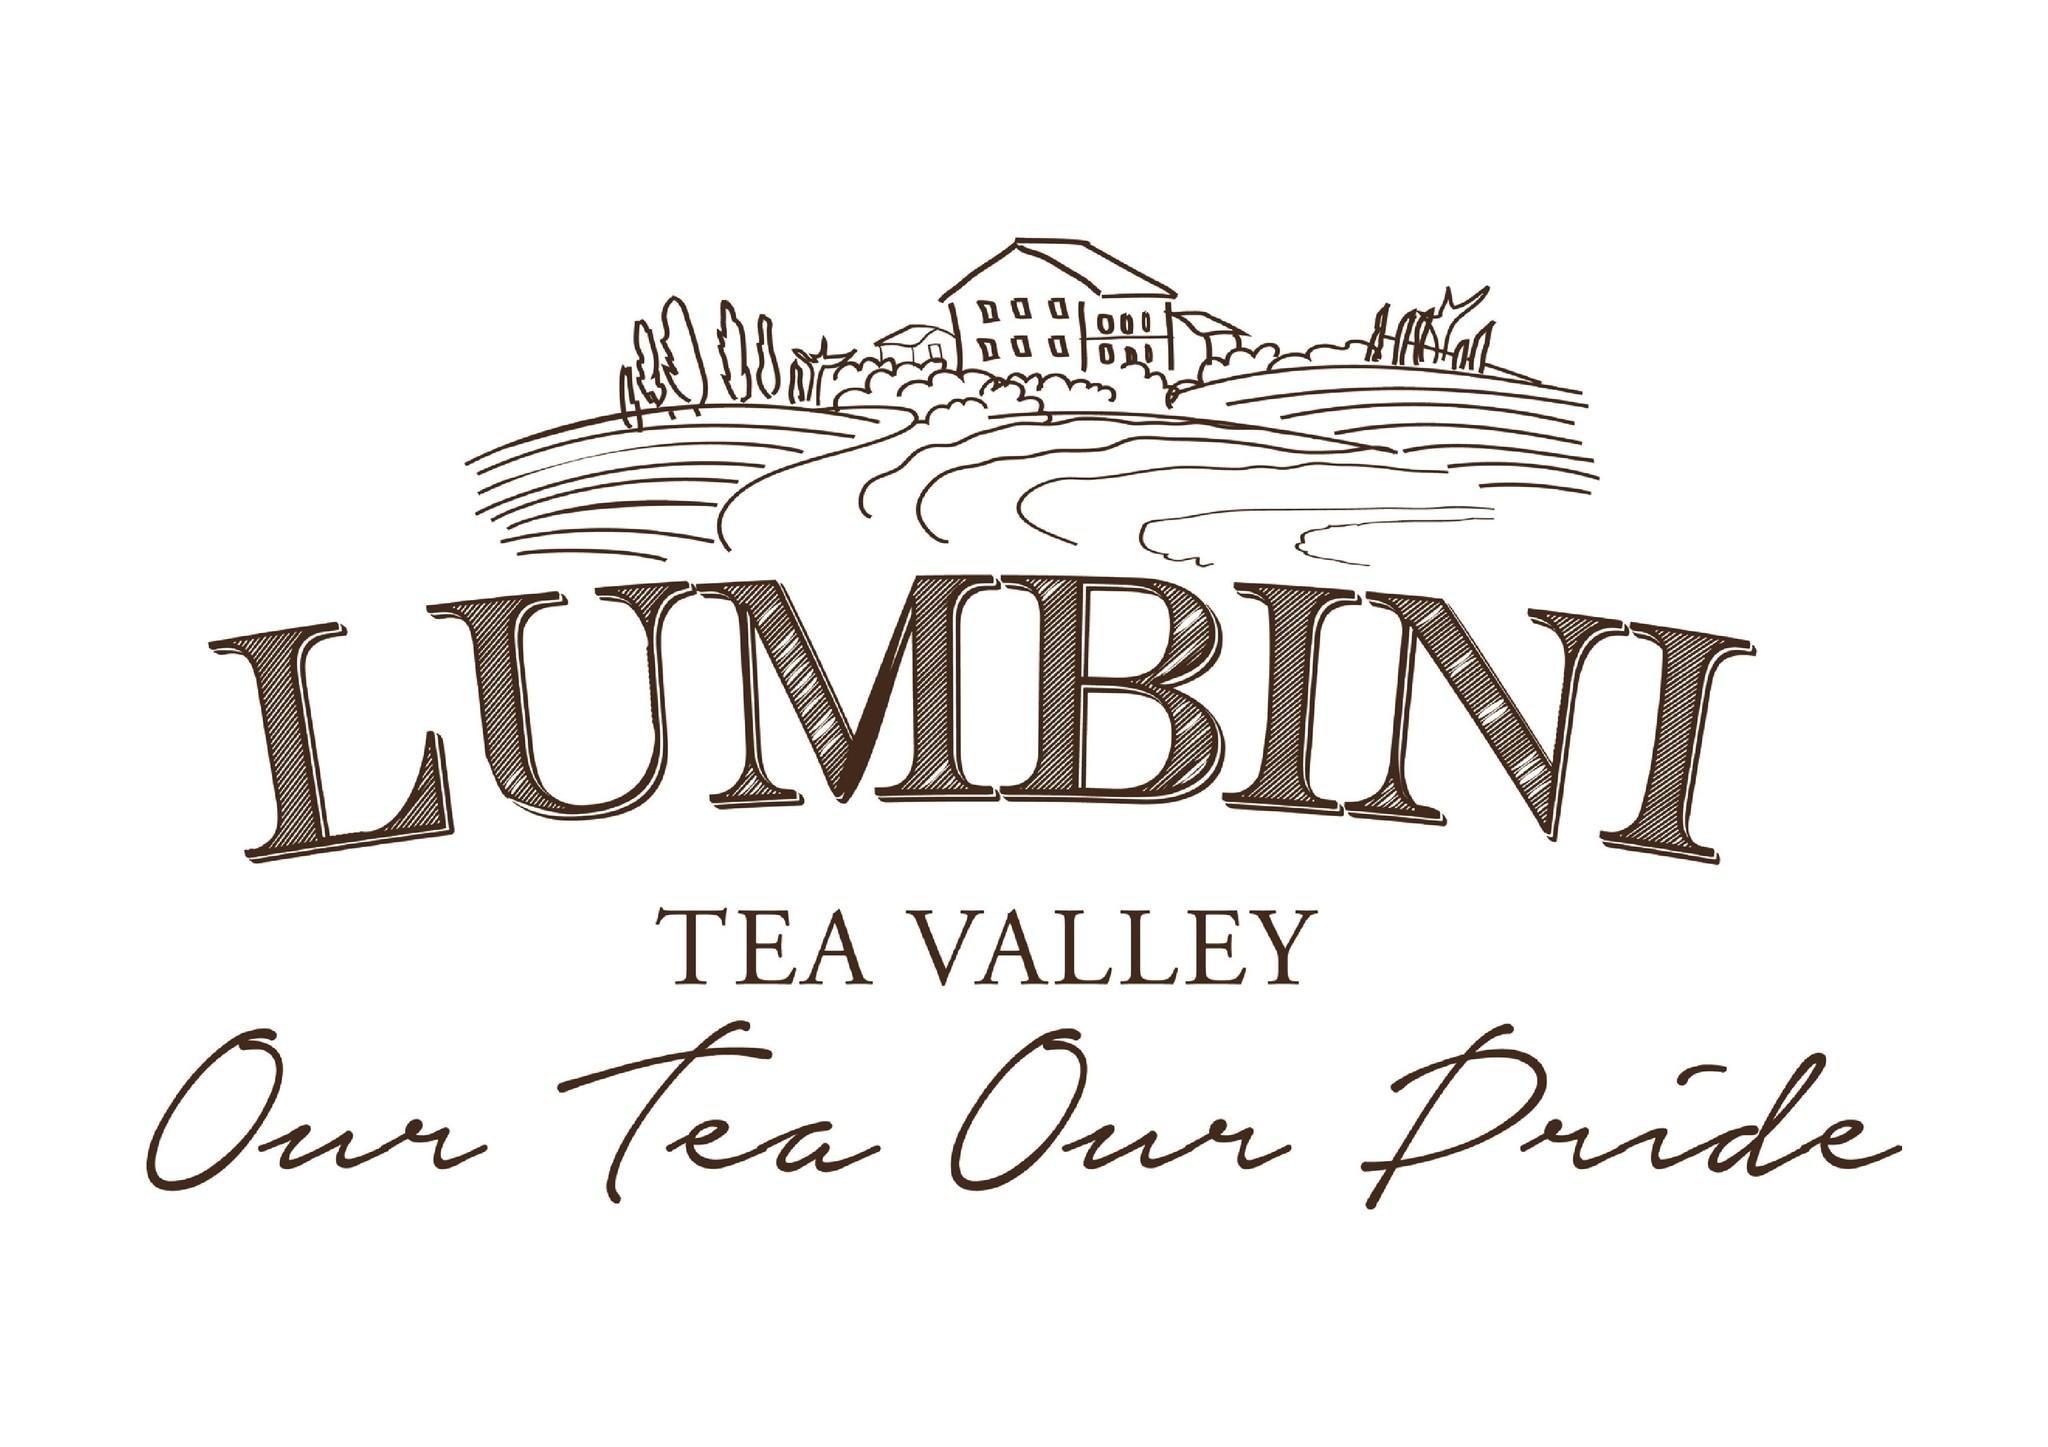 岩村紅茶はスリランカ・ルンビニ茶園から良質の茶葉を直接仕入れています!